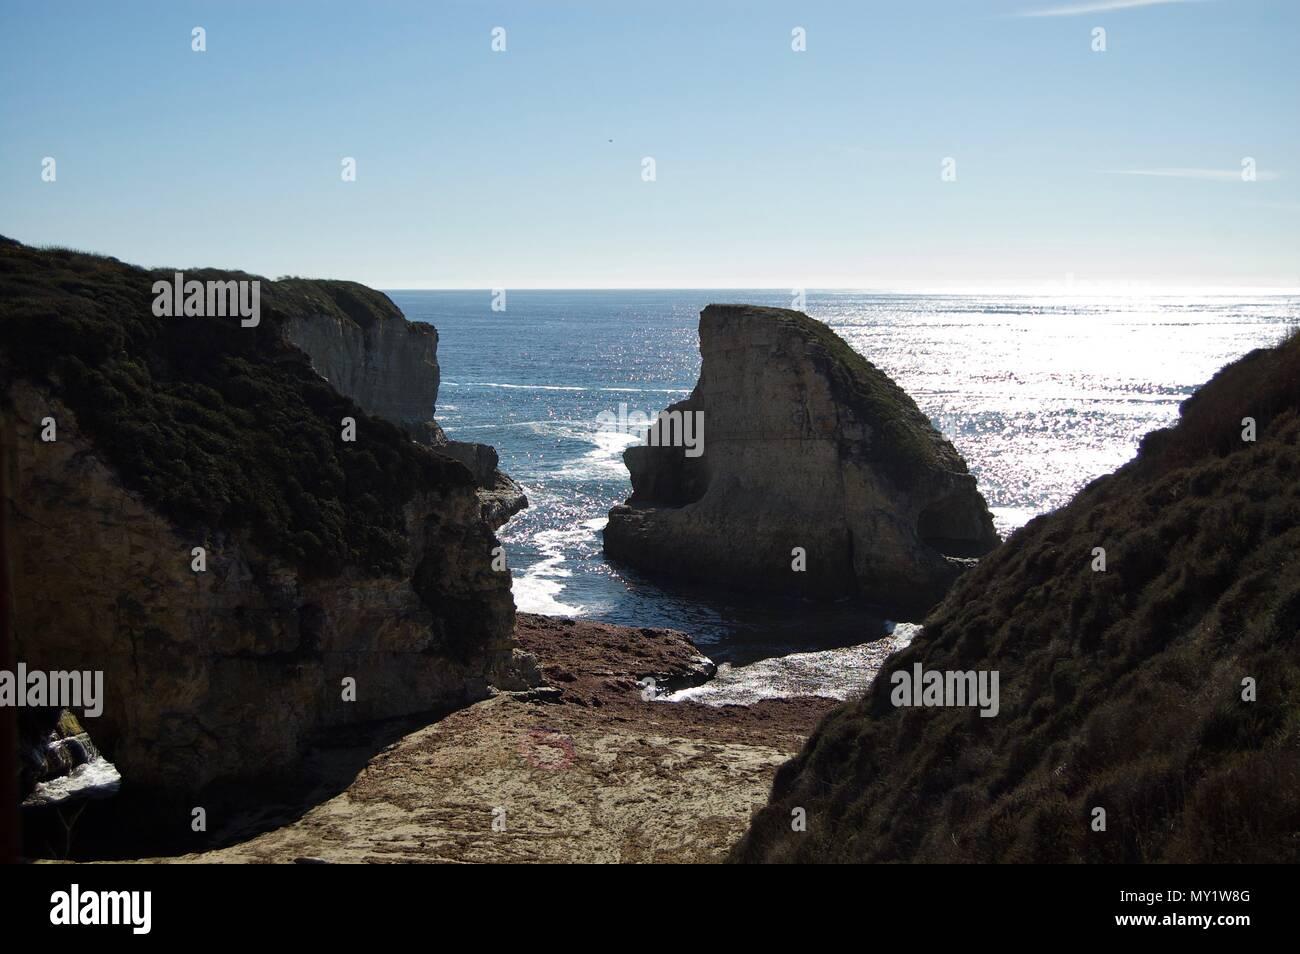 Hermosa vista costera en California (EEUU): océano Pacífico con acantilados de roca caliza con olas y un claro cielo de verano azul sin nubes Imagen De Stock